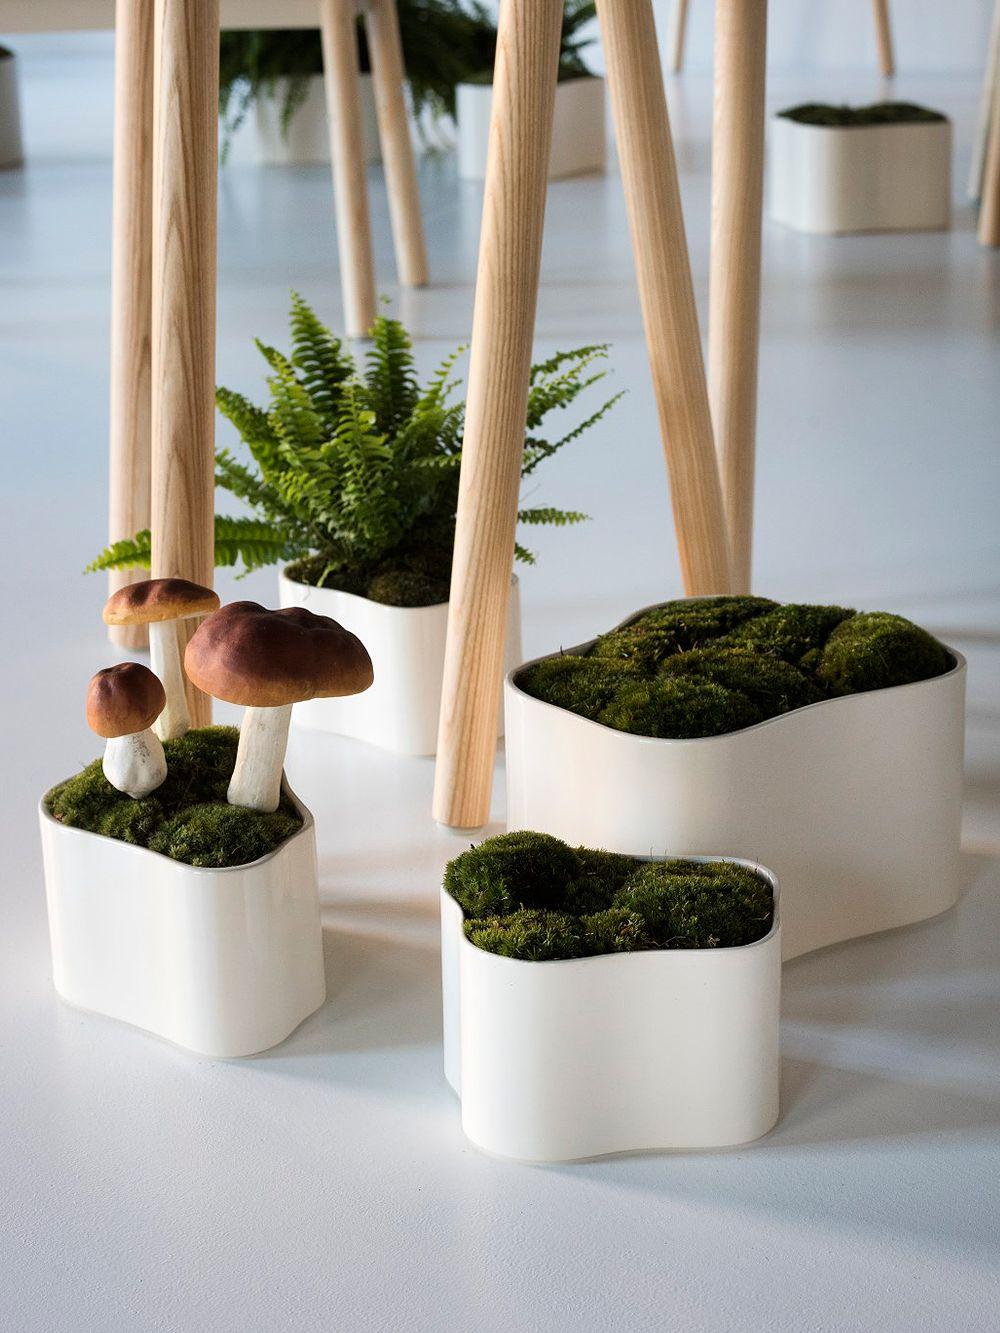 Artek Riihitie plant pots